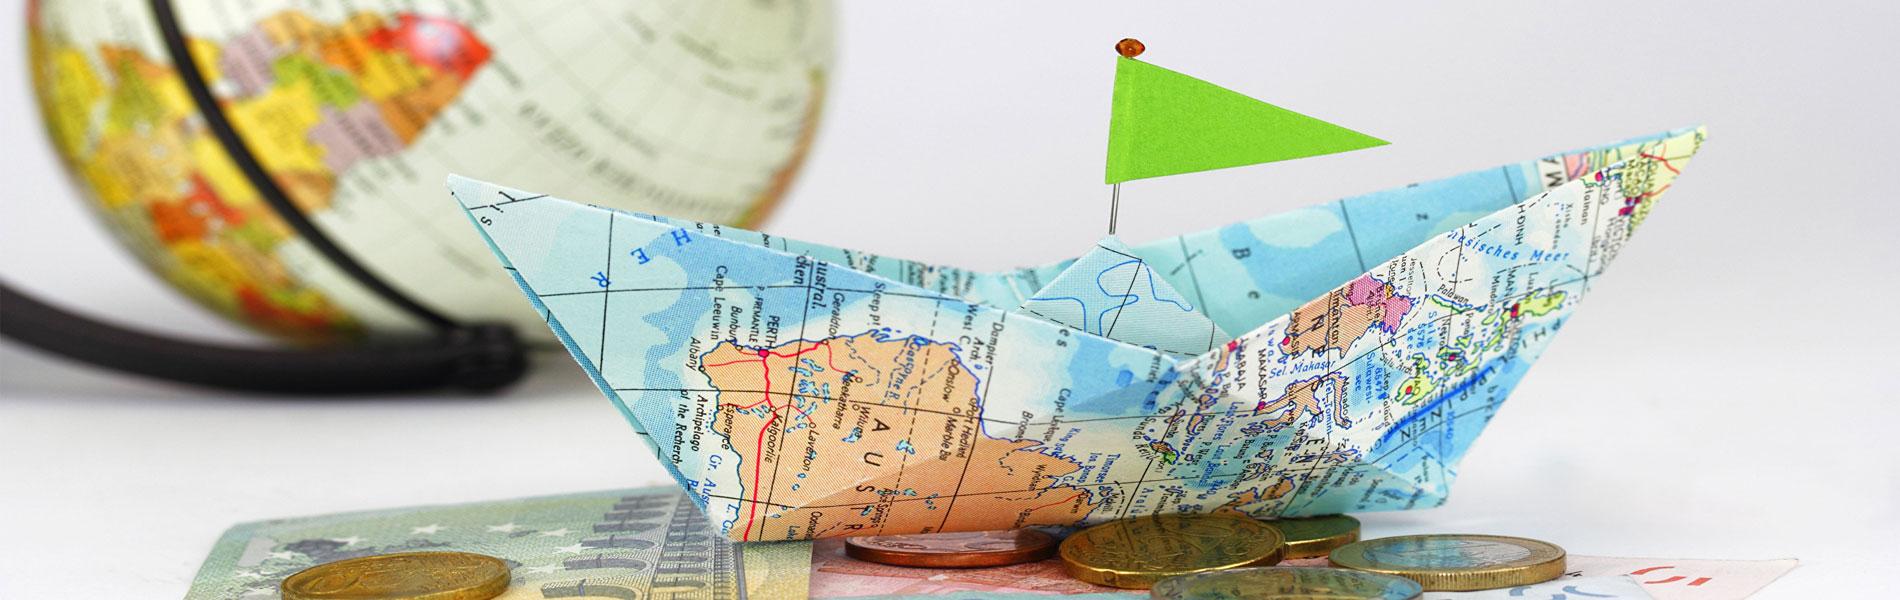 Дорожная карта к большим деньгам